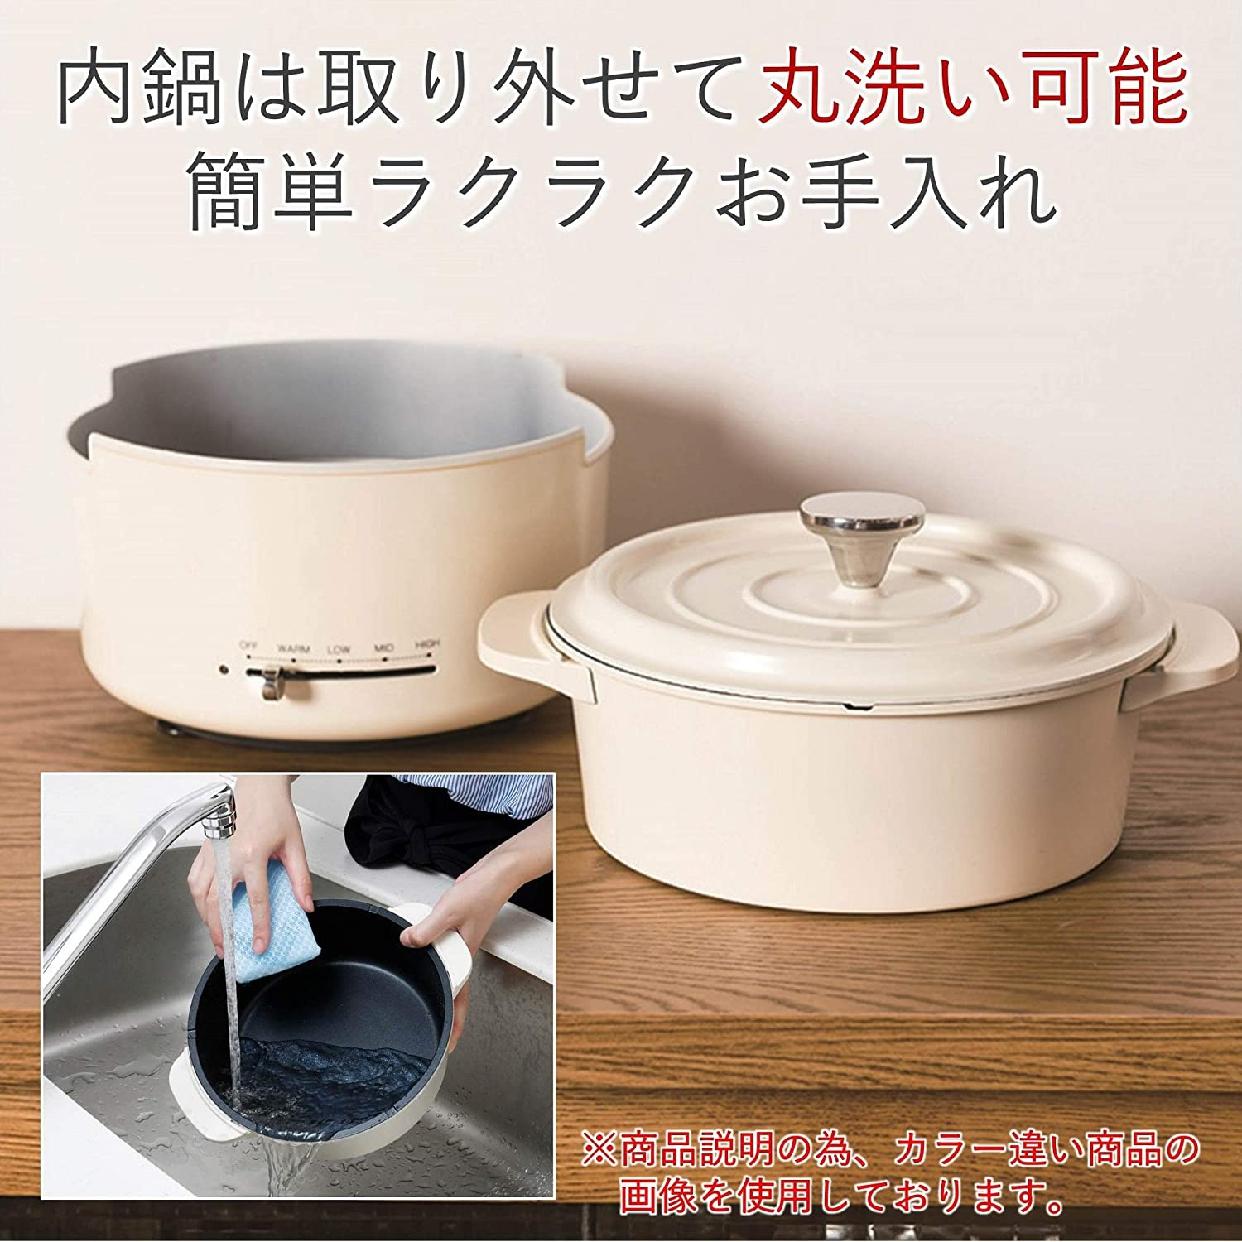 山善(YAMAZEN) 電気グリル鍋 EGD-D650(MB)の商品画像6